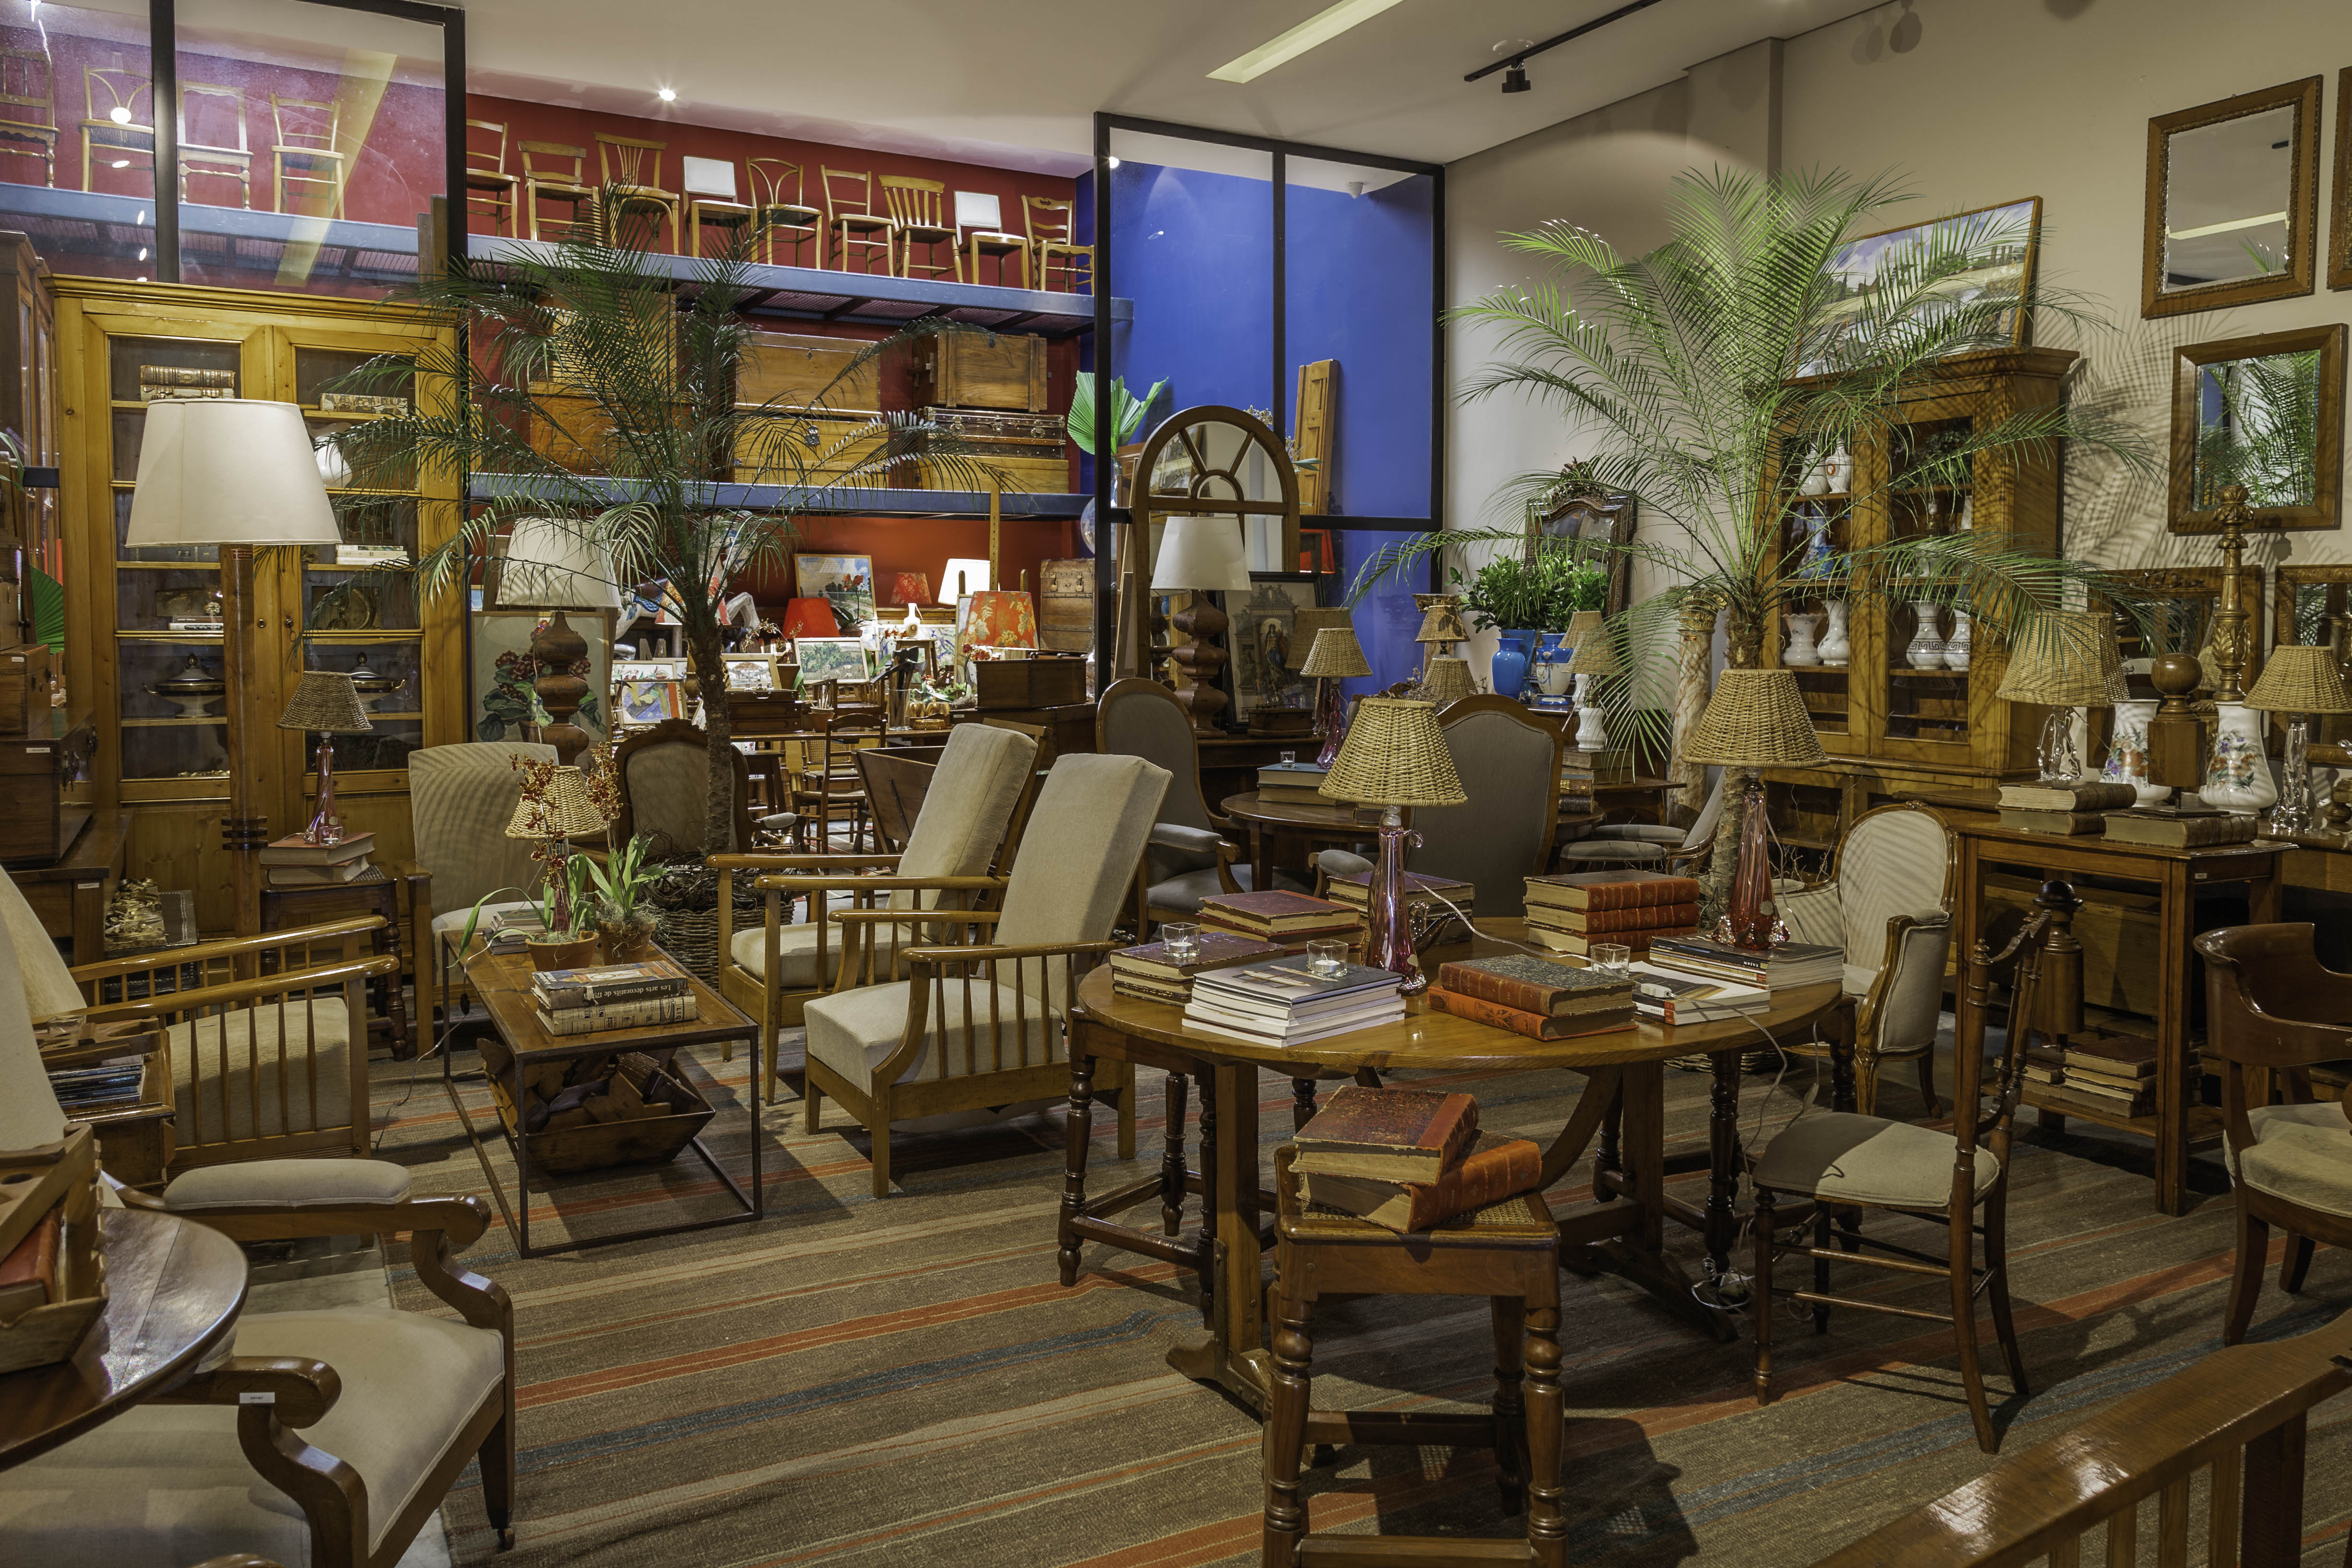 Espaço de antiquário exibe mesa de madeira escura, poltronas e diversos objetos antigos.